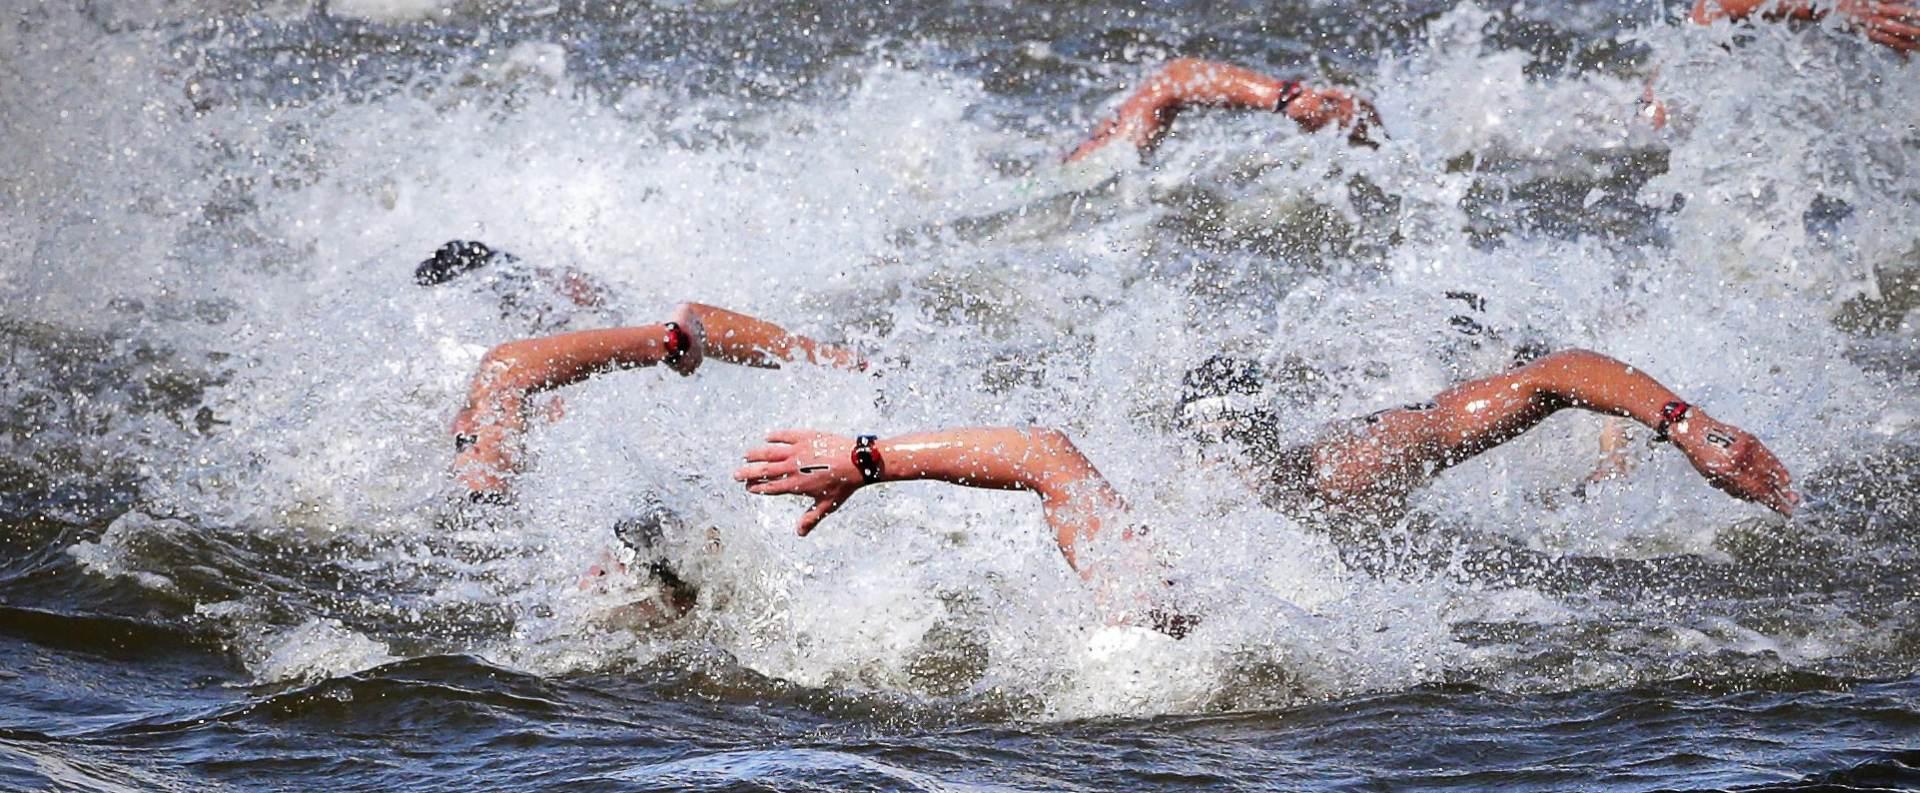 SP plivanje: Štafete SAD-a i Australije bez finala